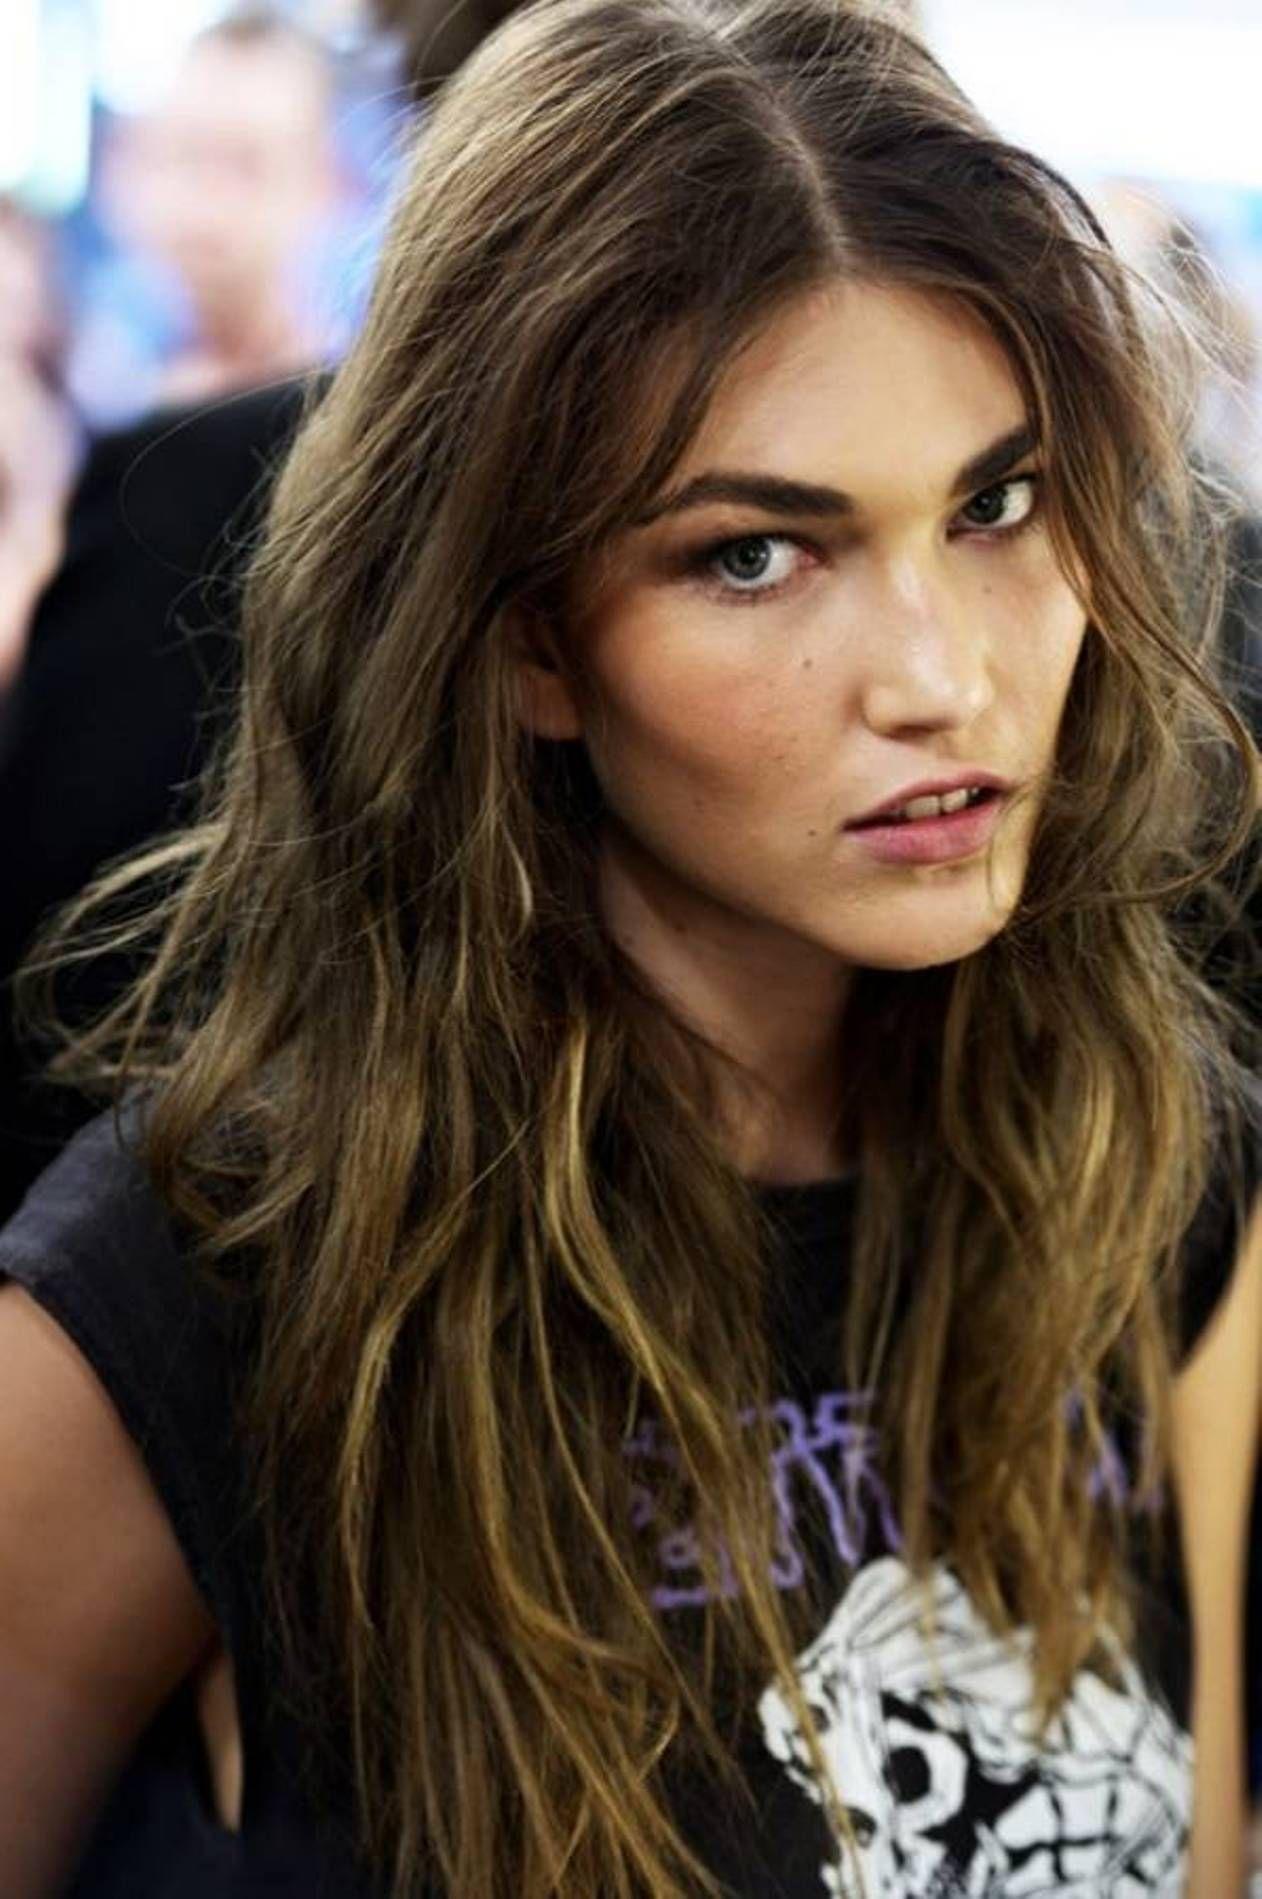 long messy rocker hairstyles for women  Rocker hair, Long messy